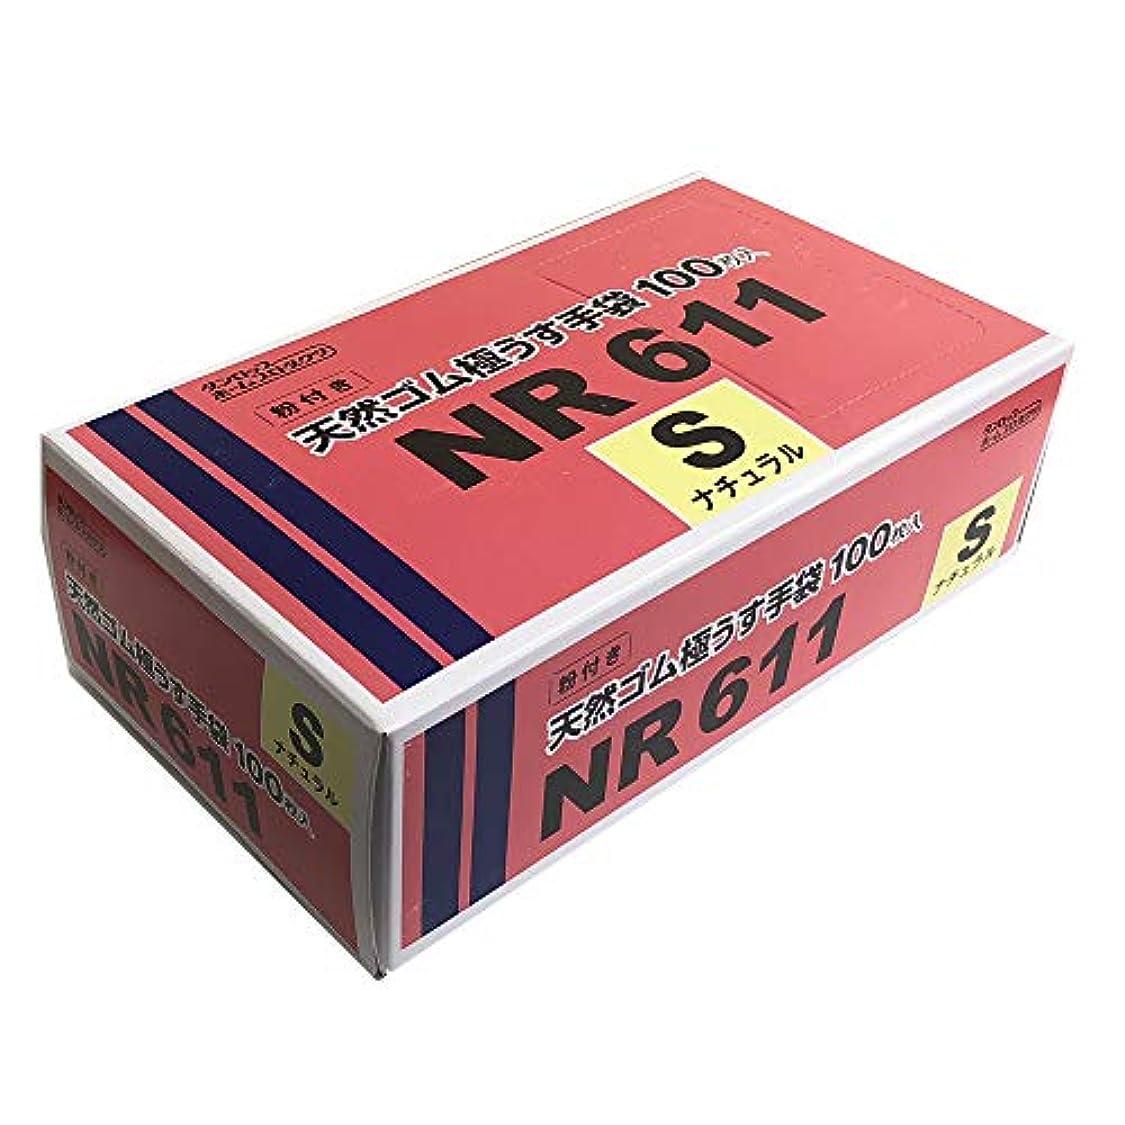 舌メリー物質DP NR611 粉付天然ゴム極薄手袋S-N